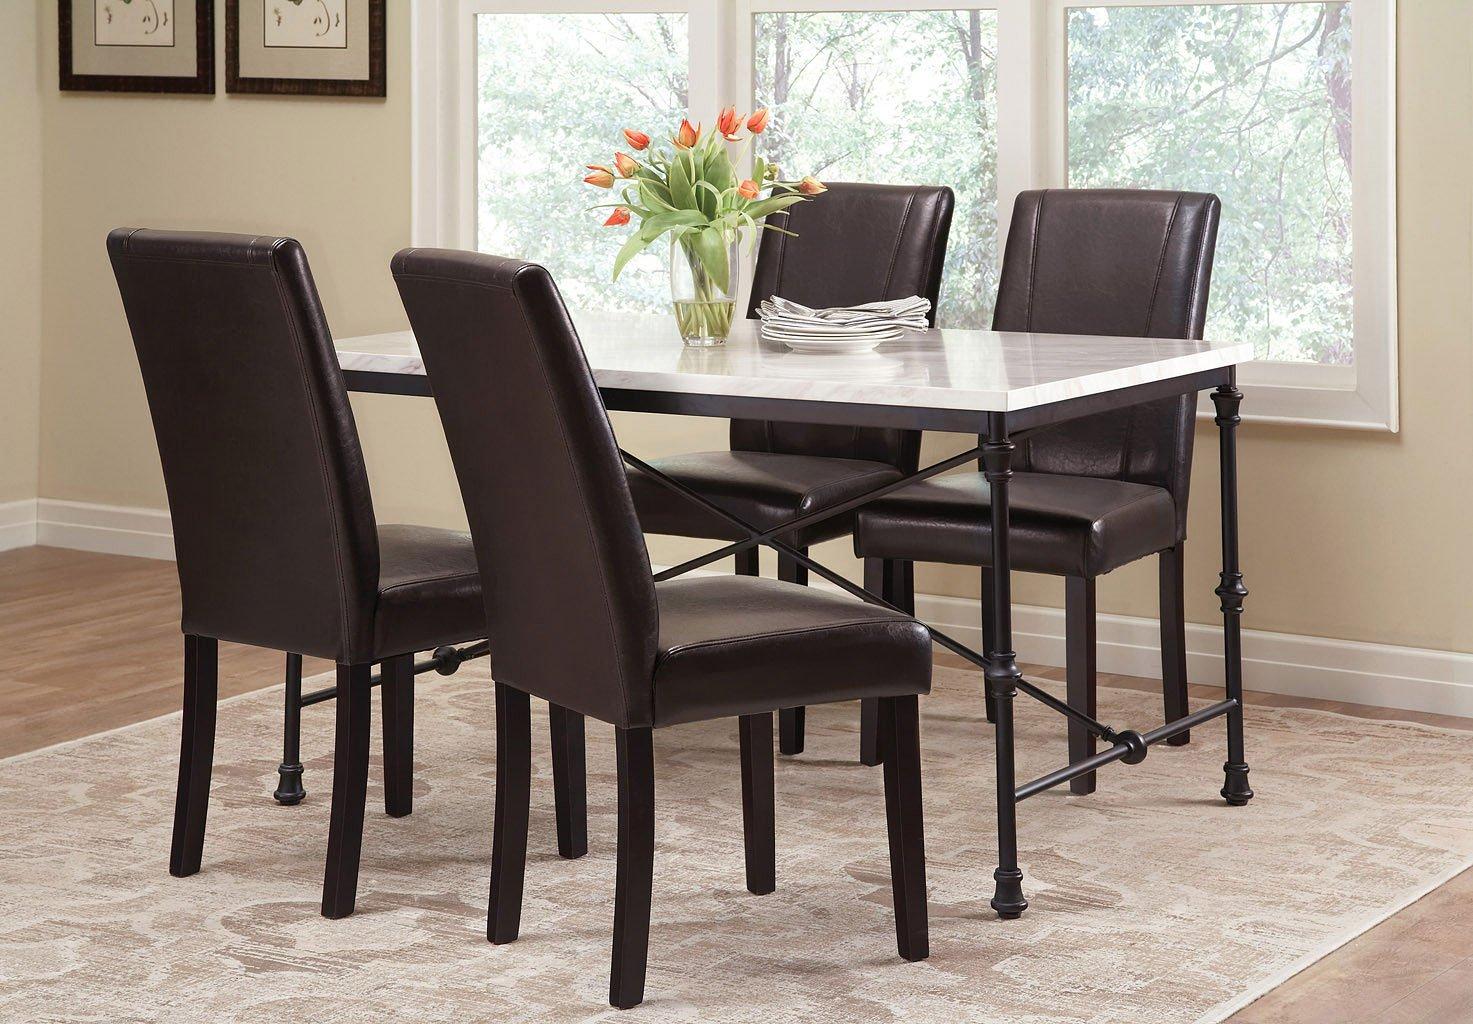 Nagel dining room set w commercial grade black chairs by - Commercial grade living room furniture ...